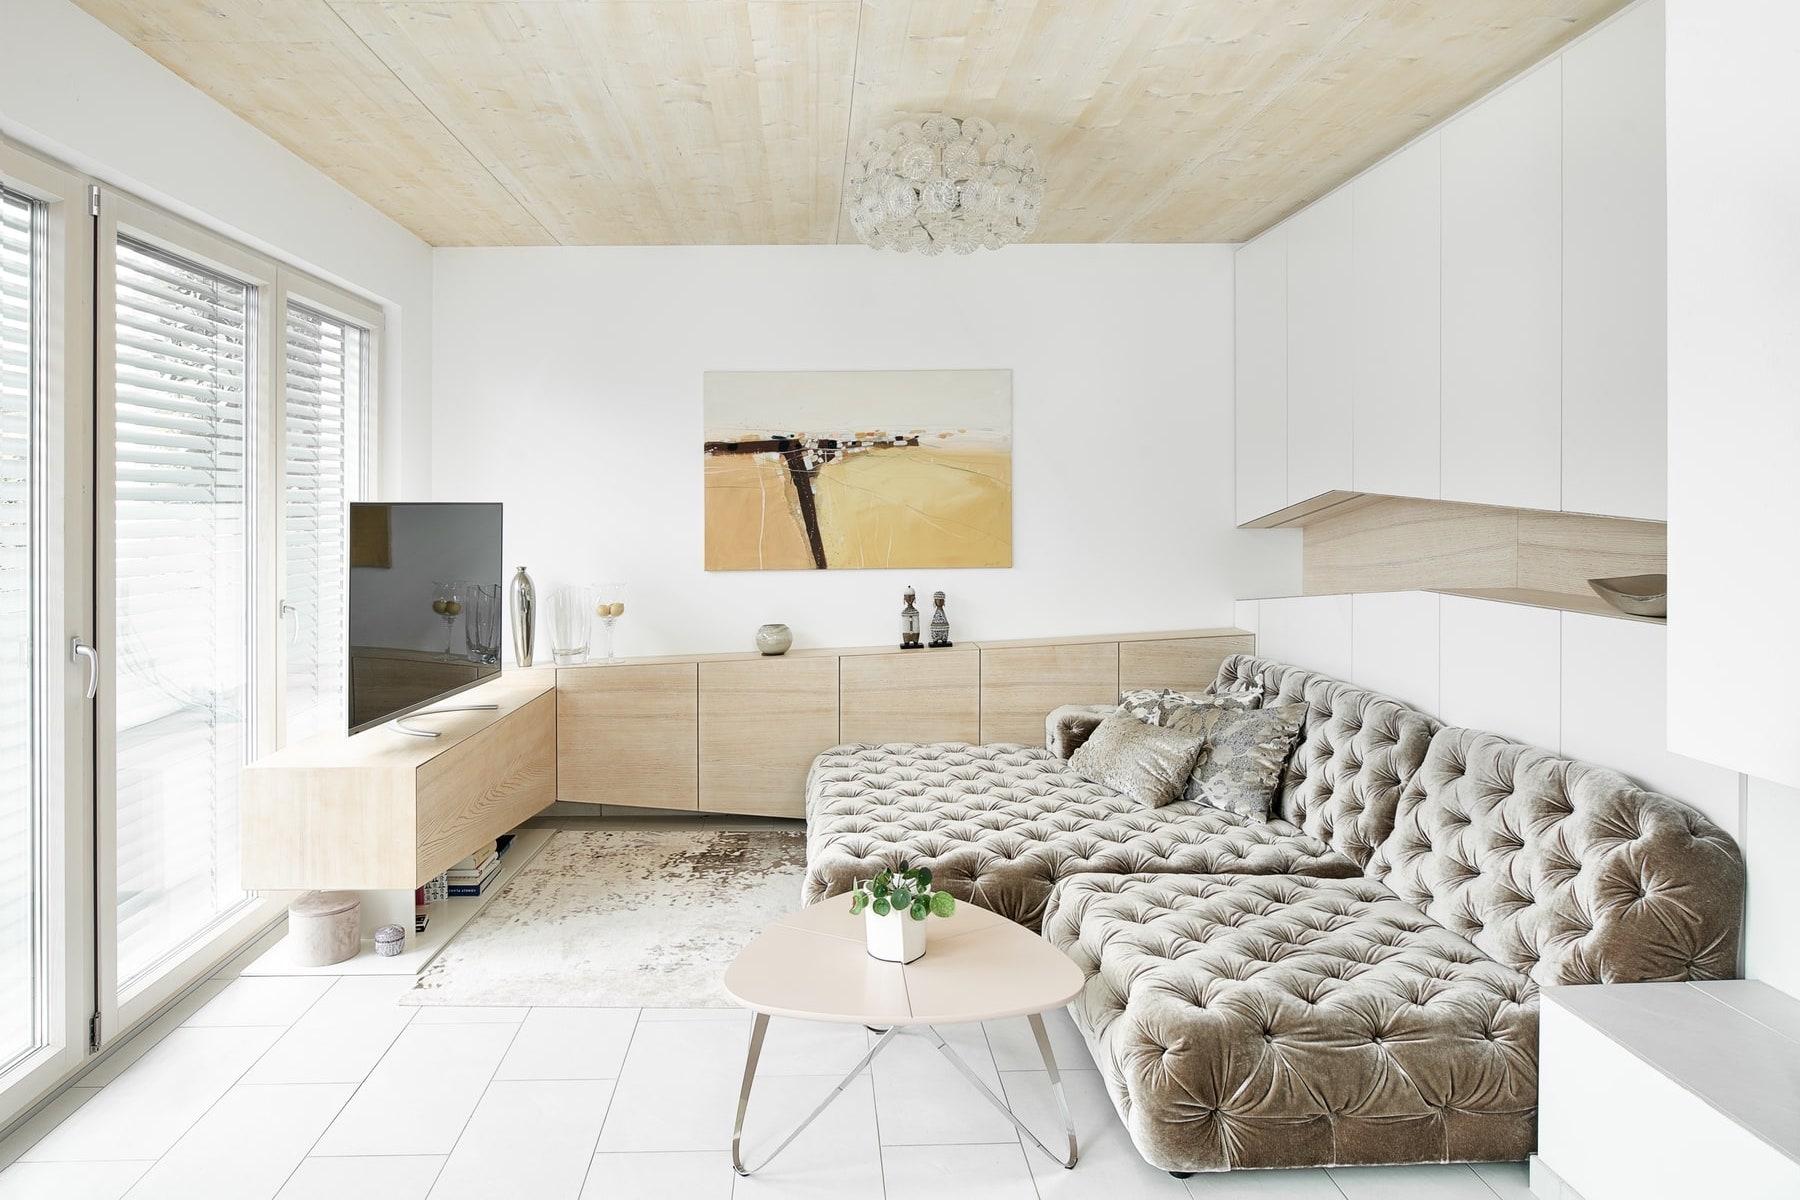 1800x1200-Jarisch Küche Wohnzimmer0556